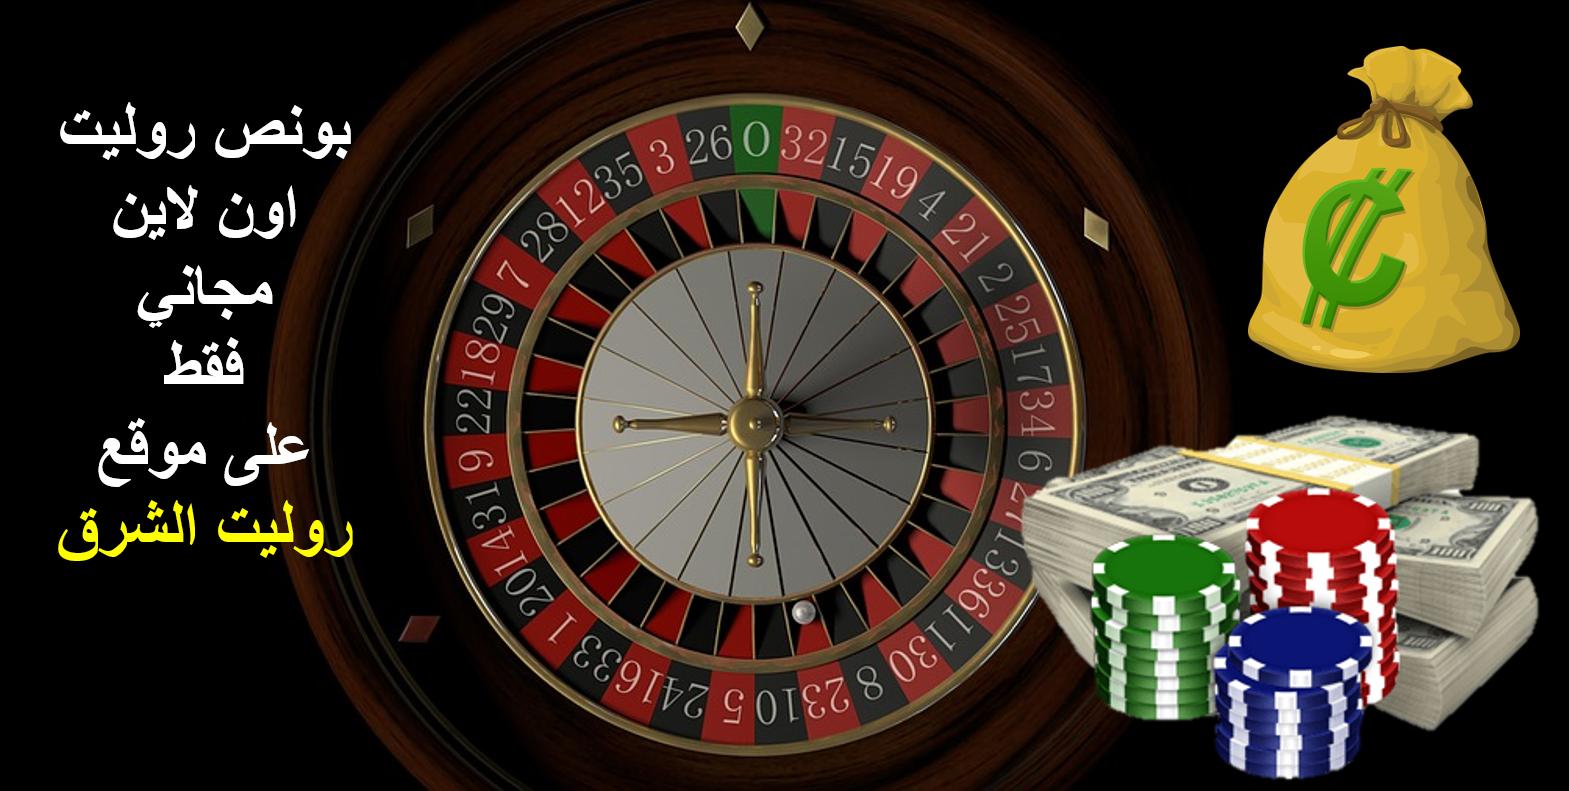 استراتيجية للعبة - 86004